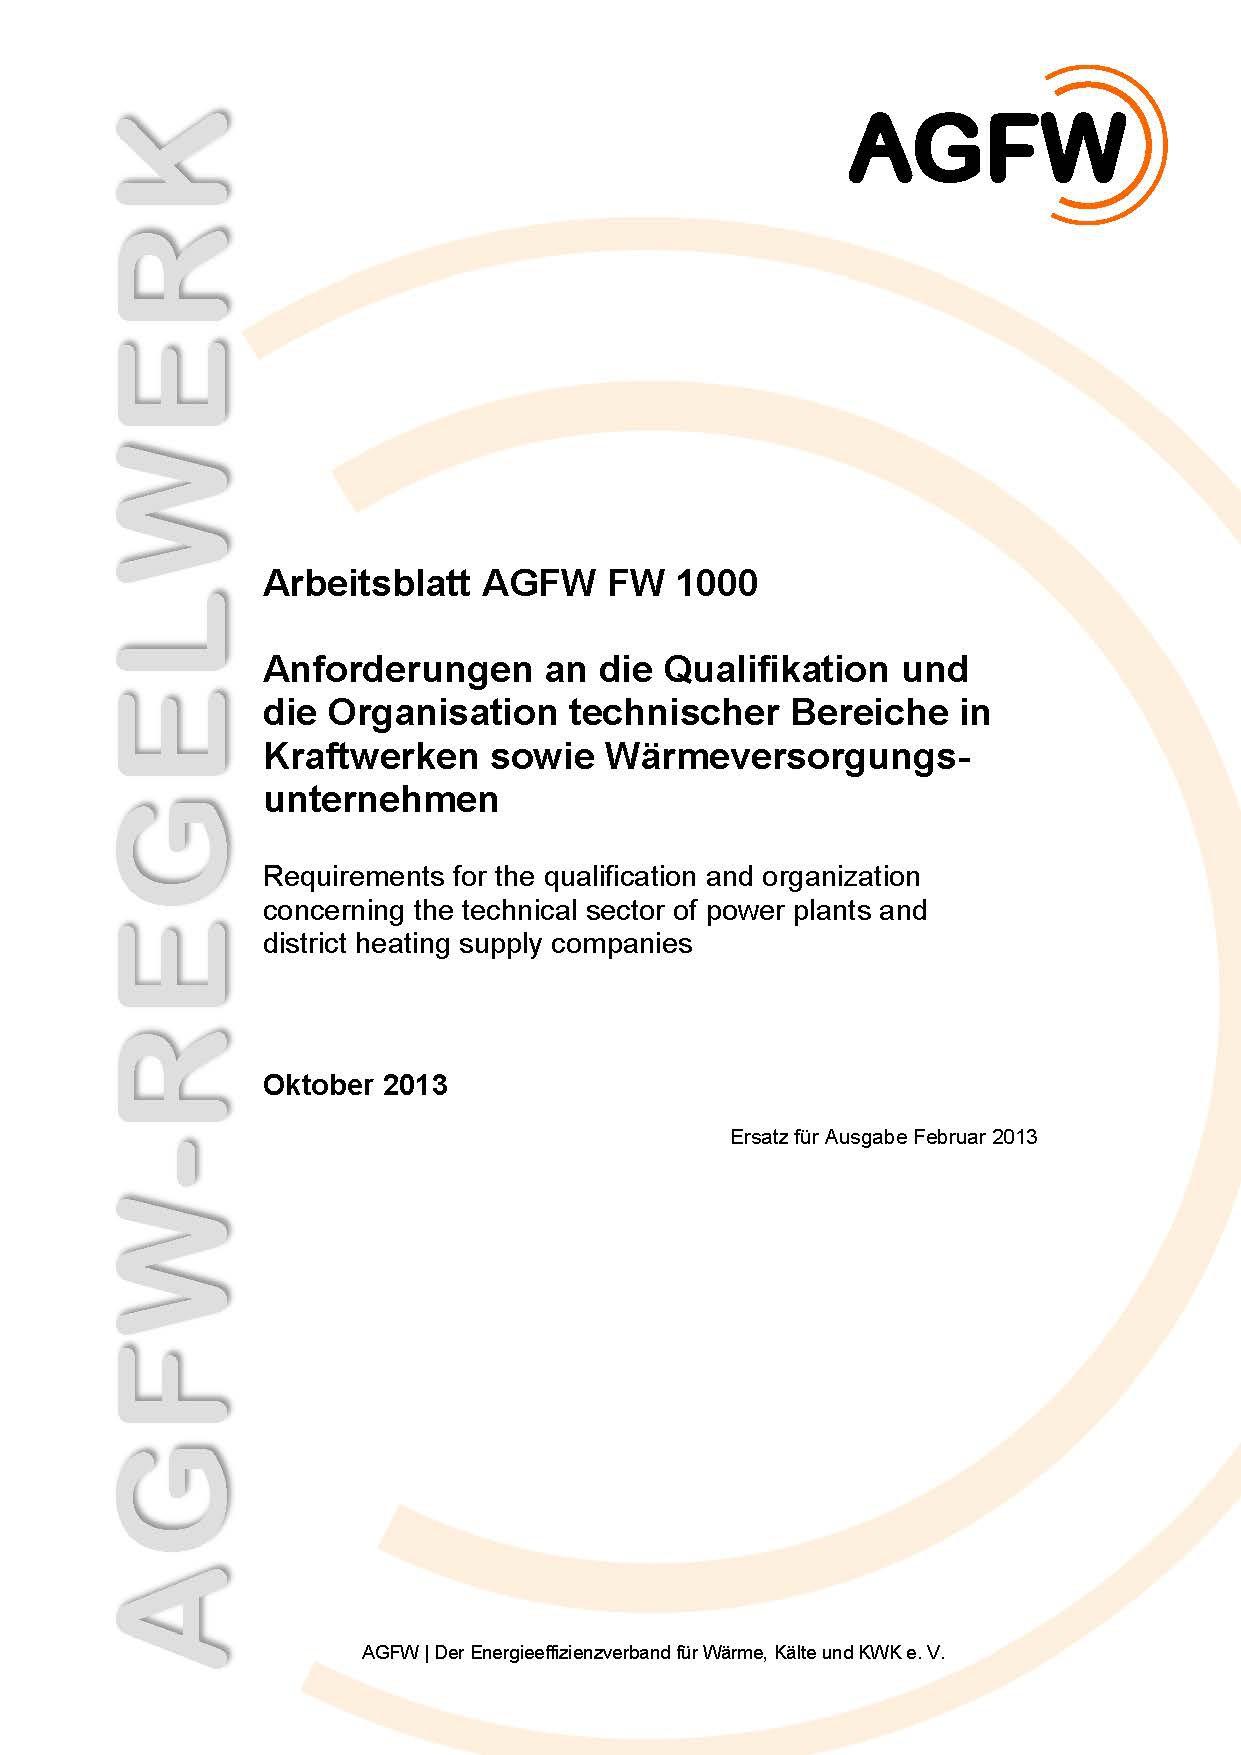 FW 1000 - Anforderungen an die Qualifikation und die Organisation ...